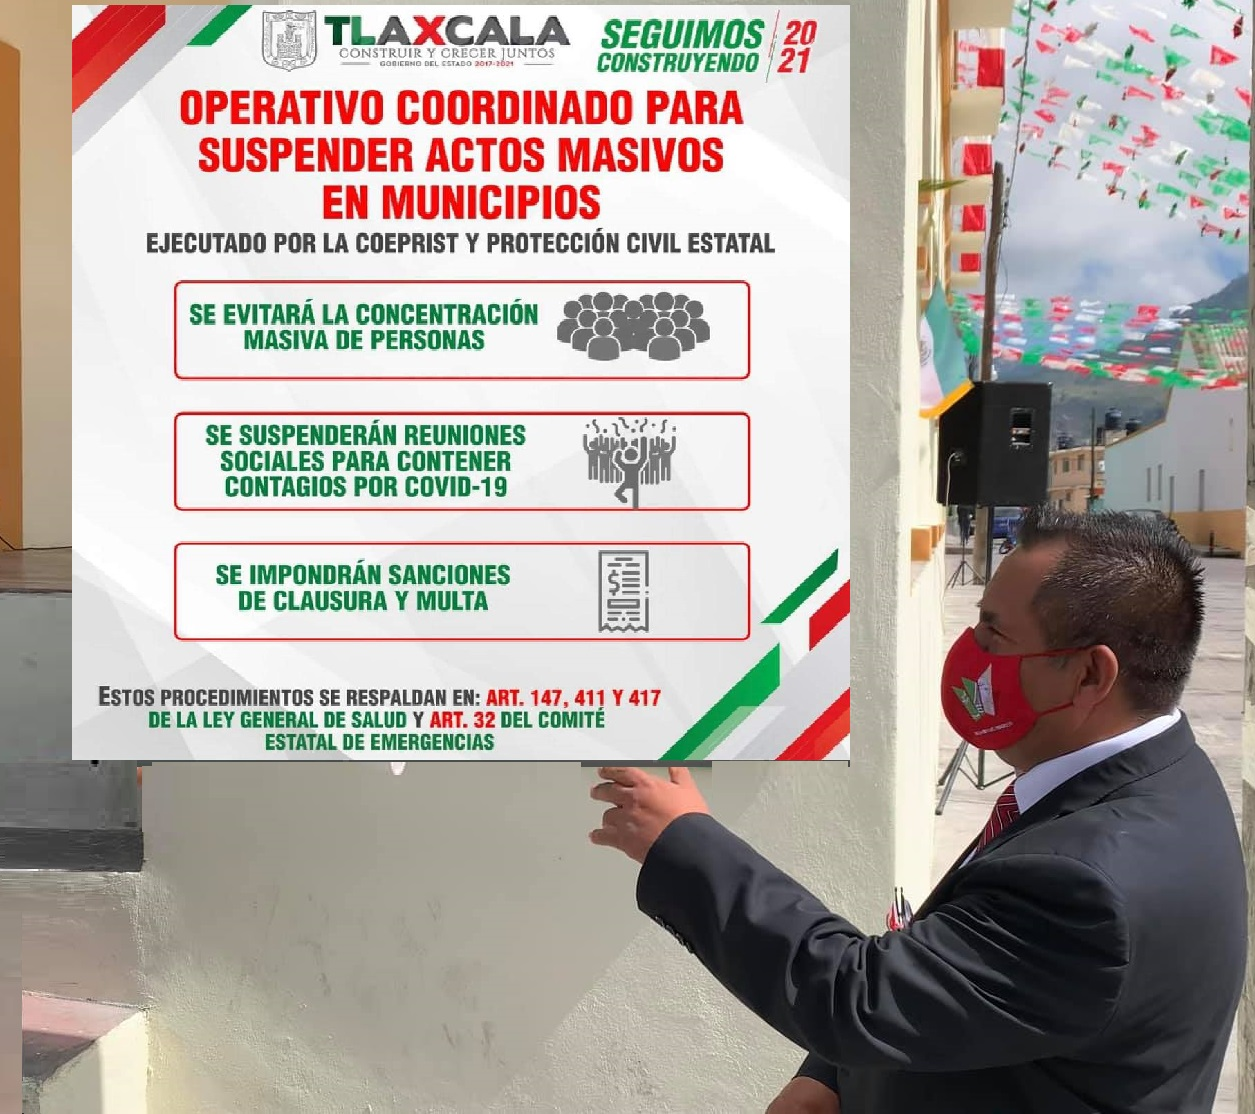 Habrá multas y sanciones a quien organice eventos durante pandemia, advierte Gobierno de Atltzayanca